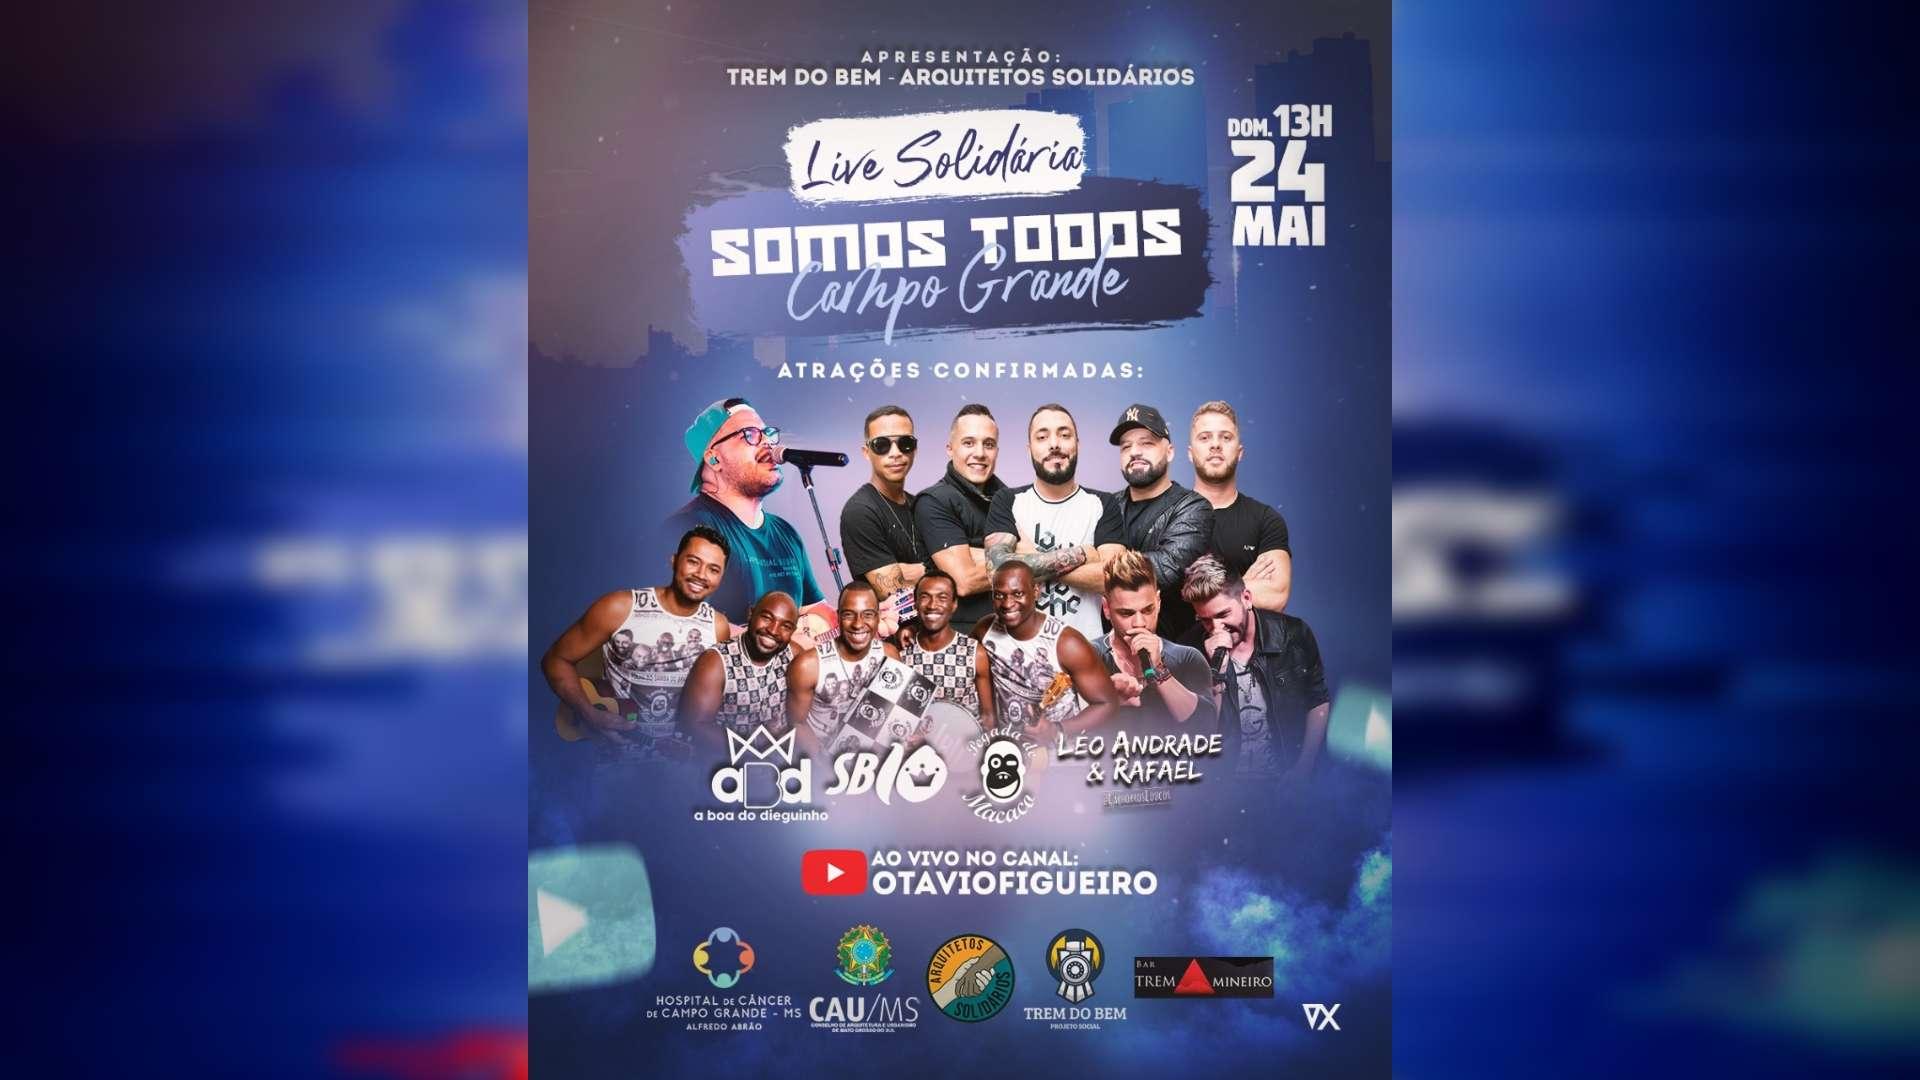 AMIGOS E EMPRESÁRIOS SOMAM FORÇAS PARA UMA GRANDE LIVE SOLIDÁRIA em Campo Grande, no próximo Domingo.